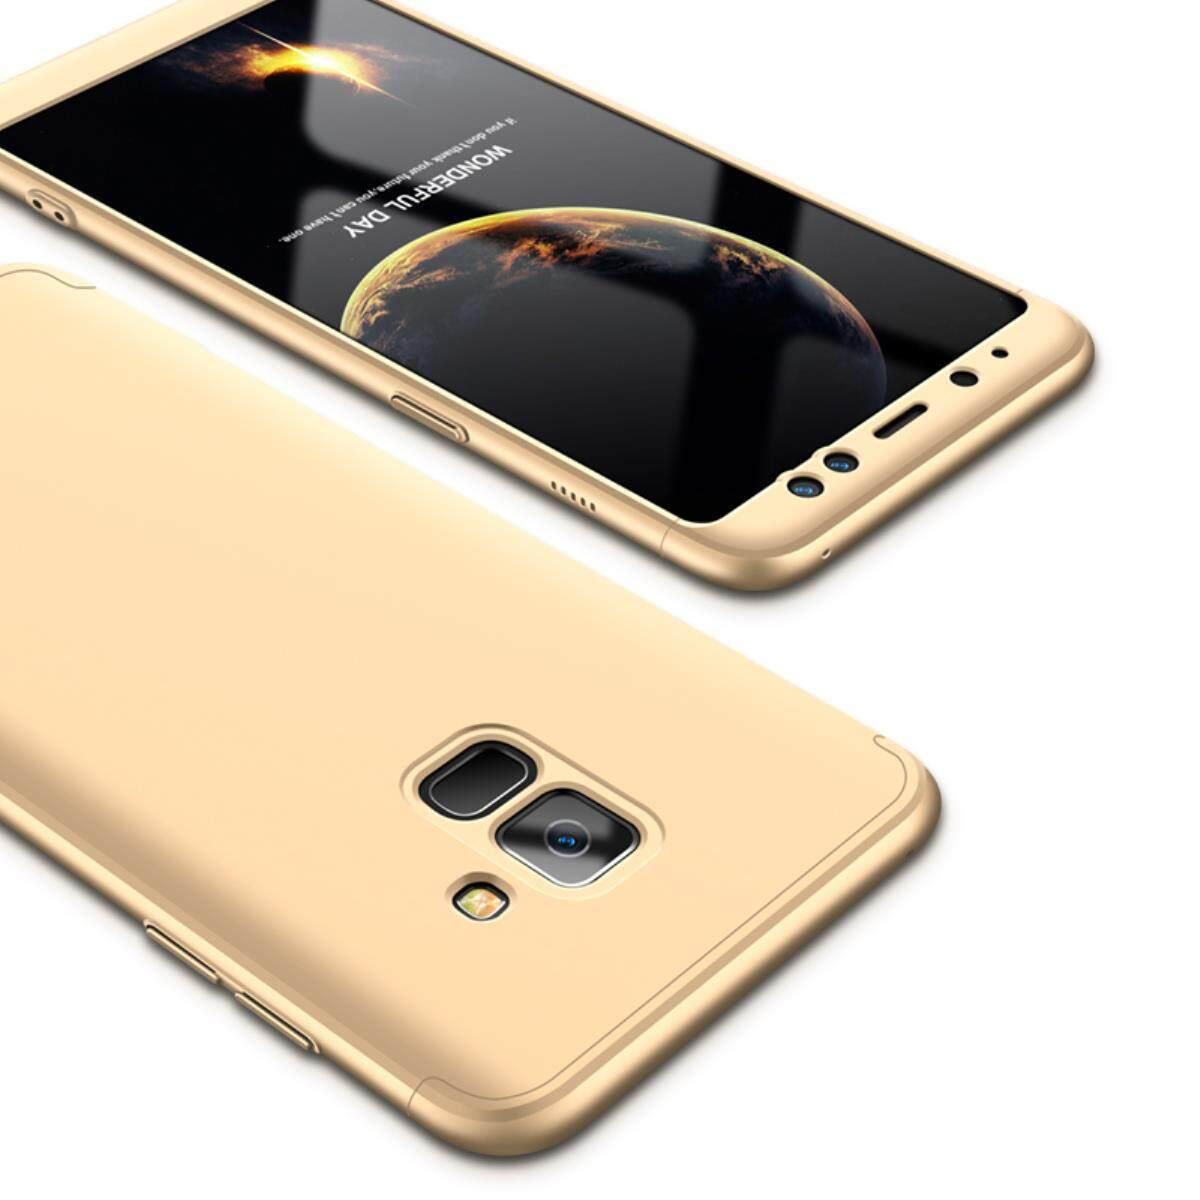 Giá Bán Samsung Galaxy A8 2018 5 6 Case Mooncase Mờ Vỏ Cứng Lưng Pc 360 Toan Than Bảo Vệ Chống Sốc Với 3 Phần Co Thể Thao Rời Ốp Lưng Điện Thoại Như Hinh Quốc Tế Rẻ Nhất